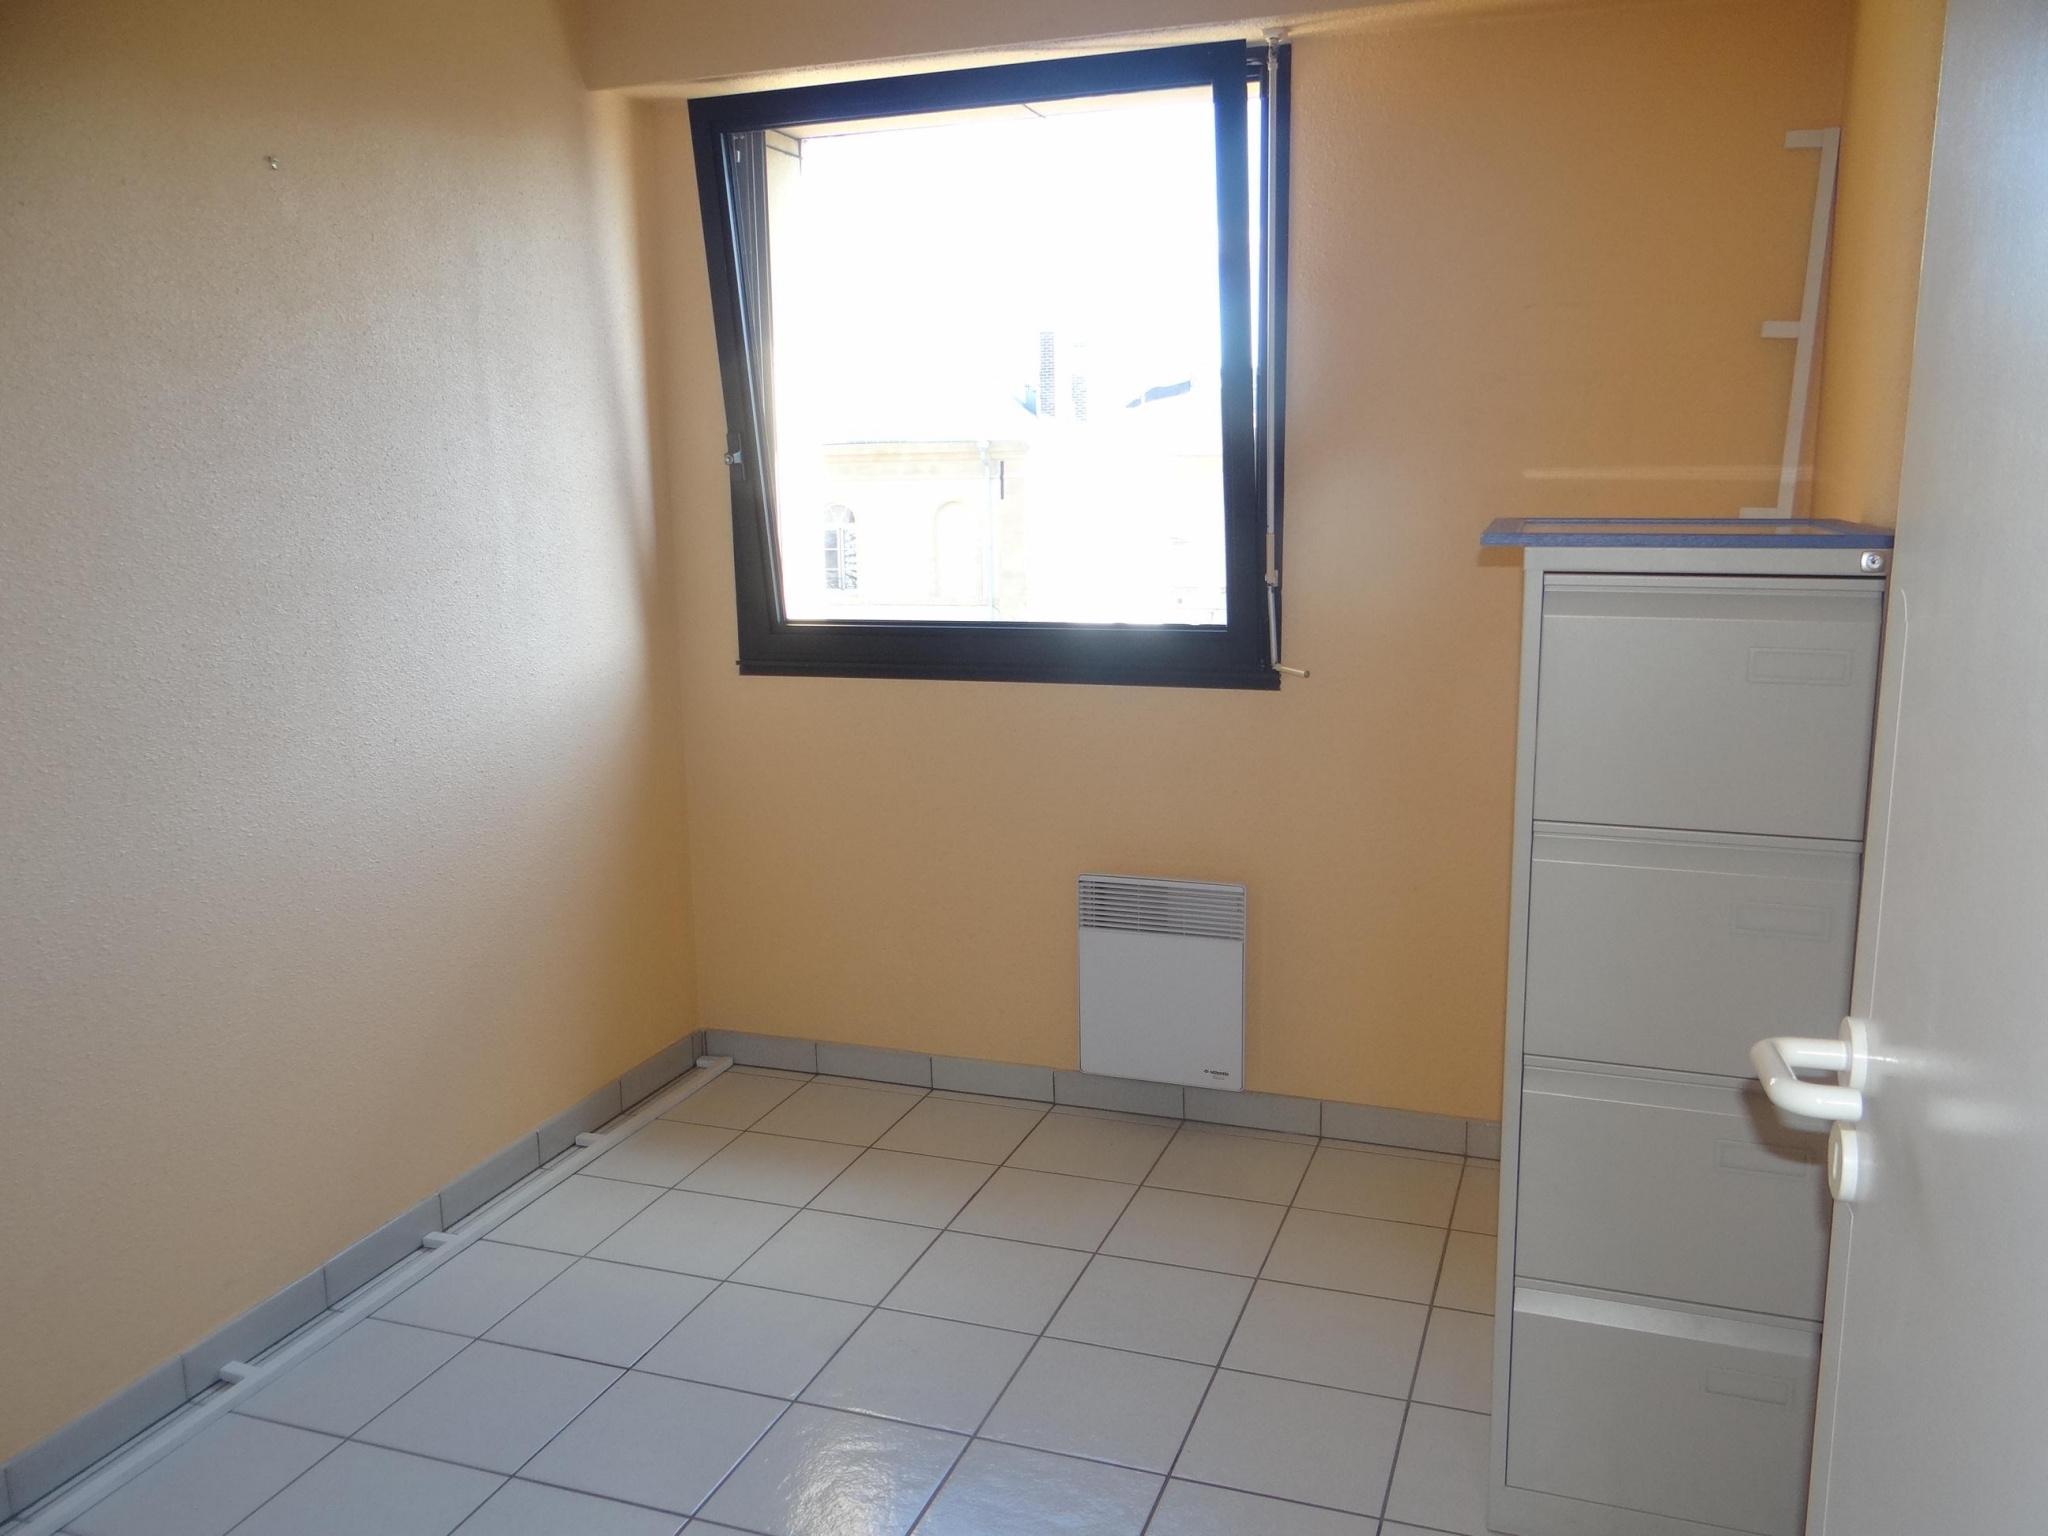 Vente appartement - Cabinet medical la meziere ...